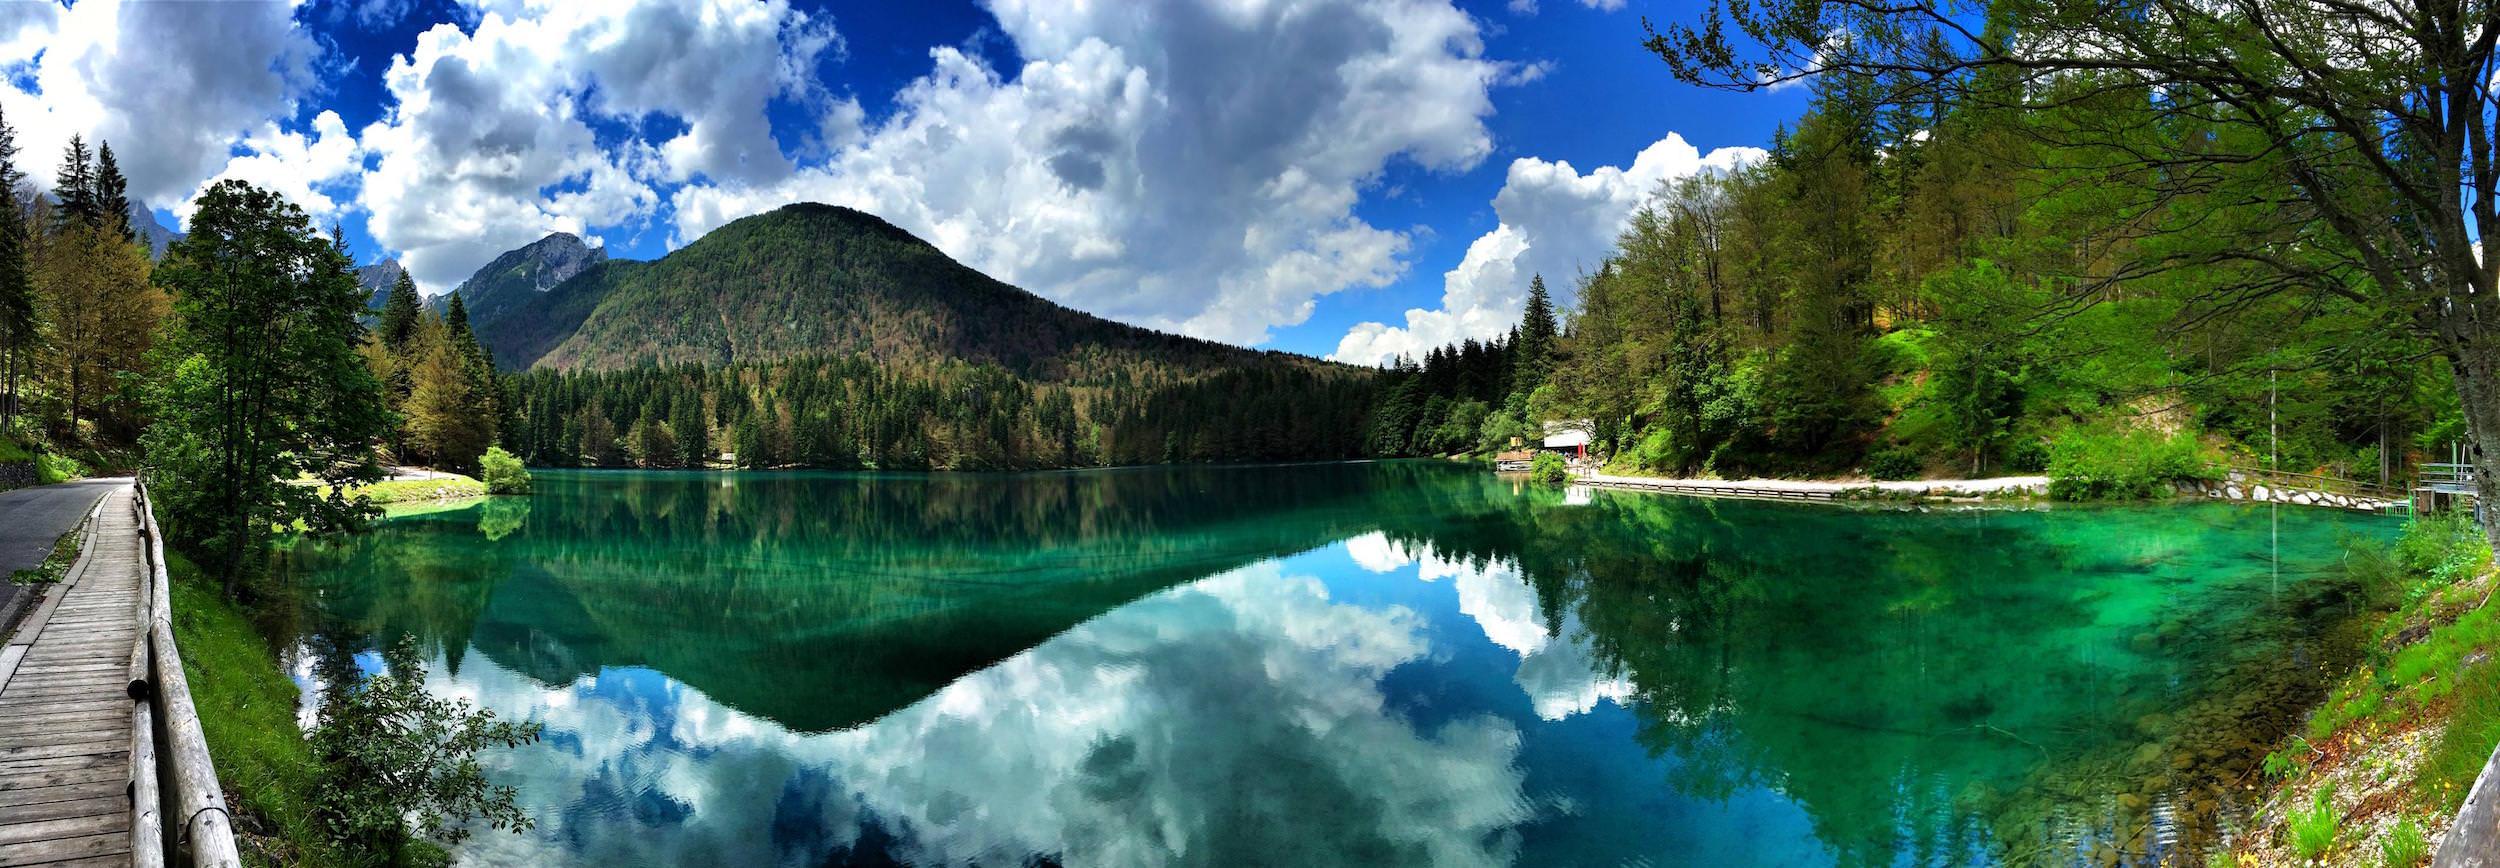 belopeska_jezera_lago_di_fusine_006